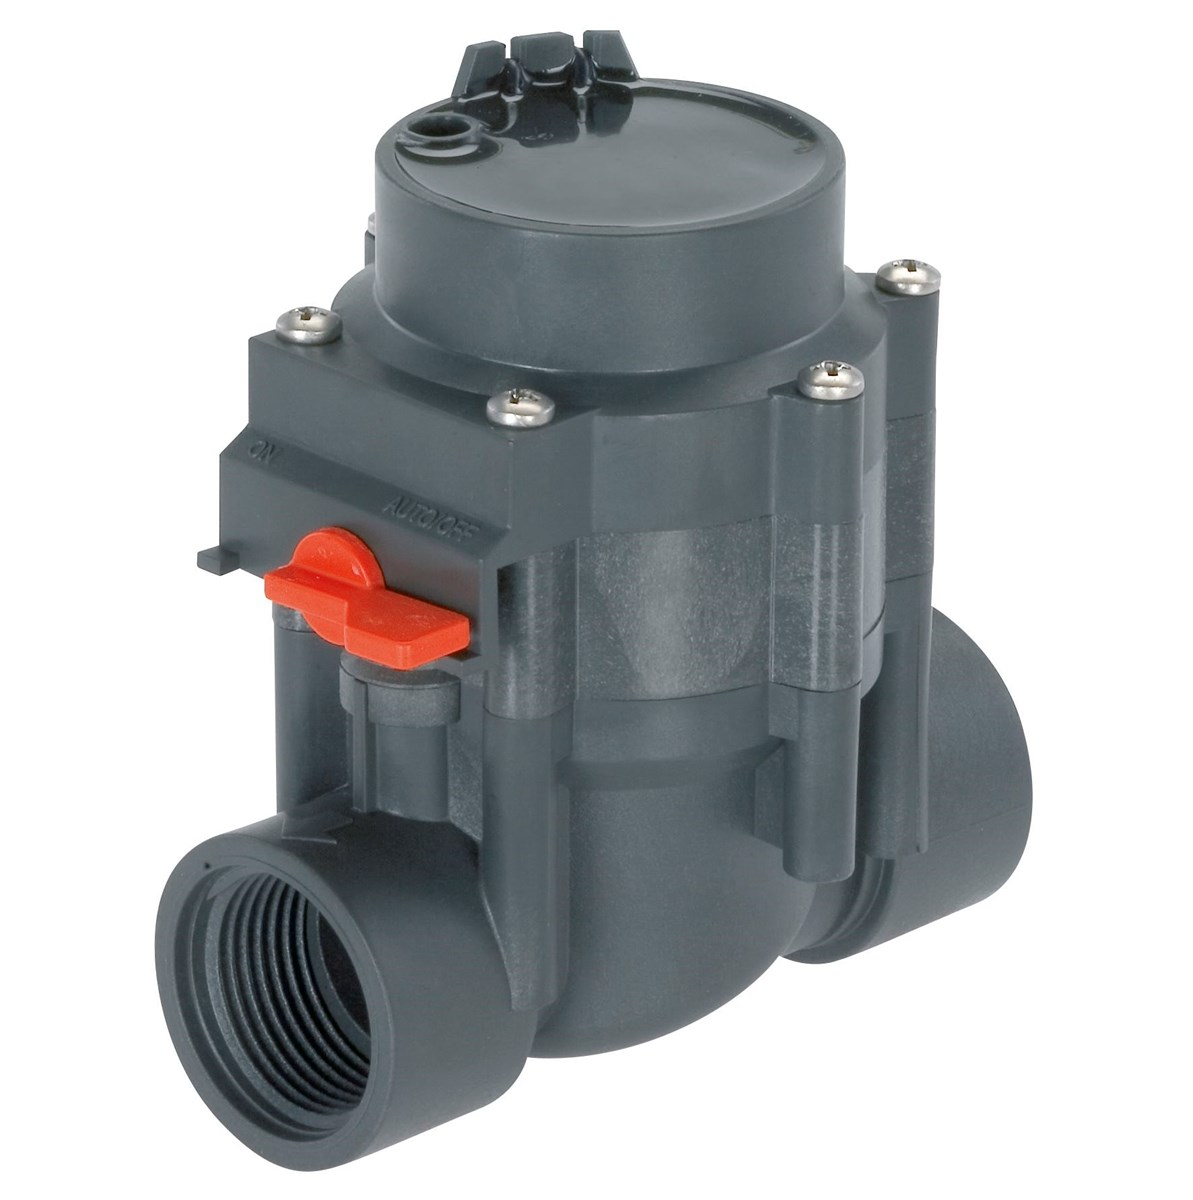 Gardena 24 v beregenings / water motor